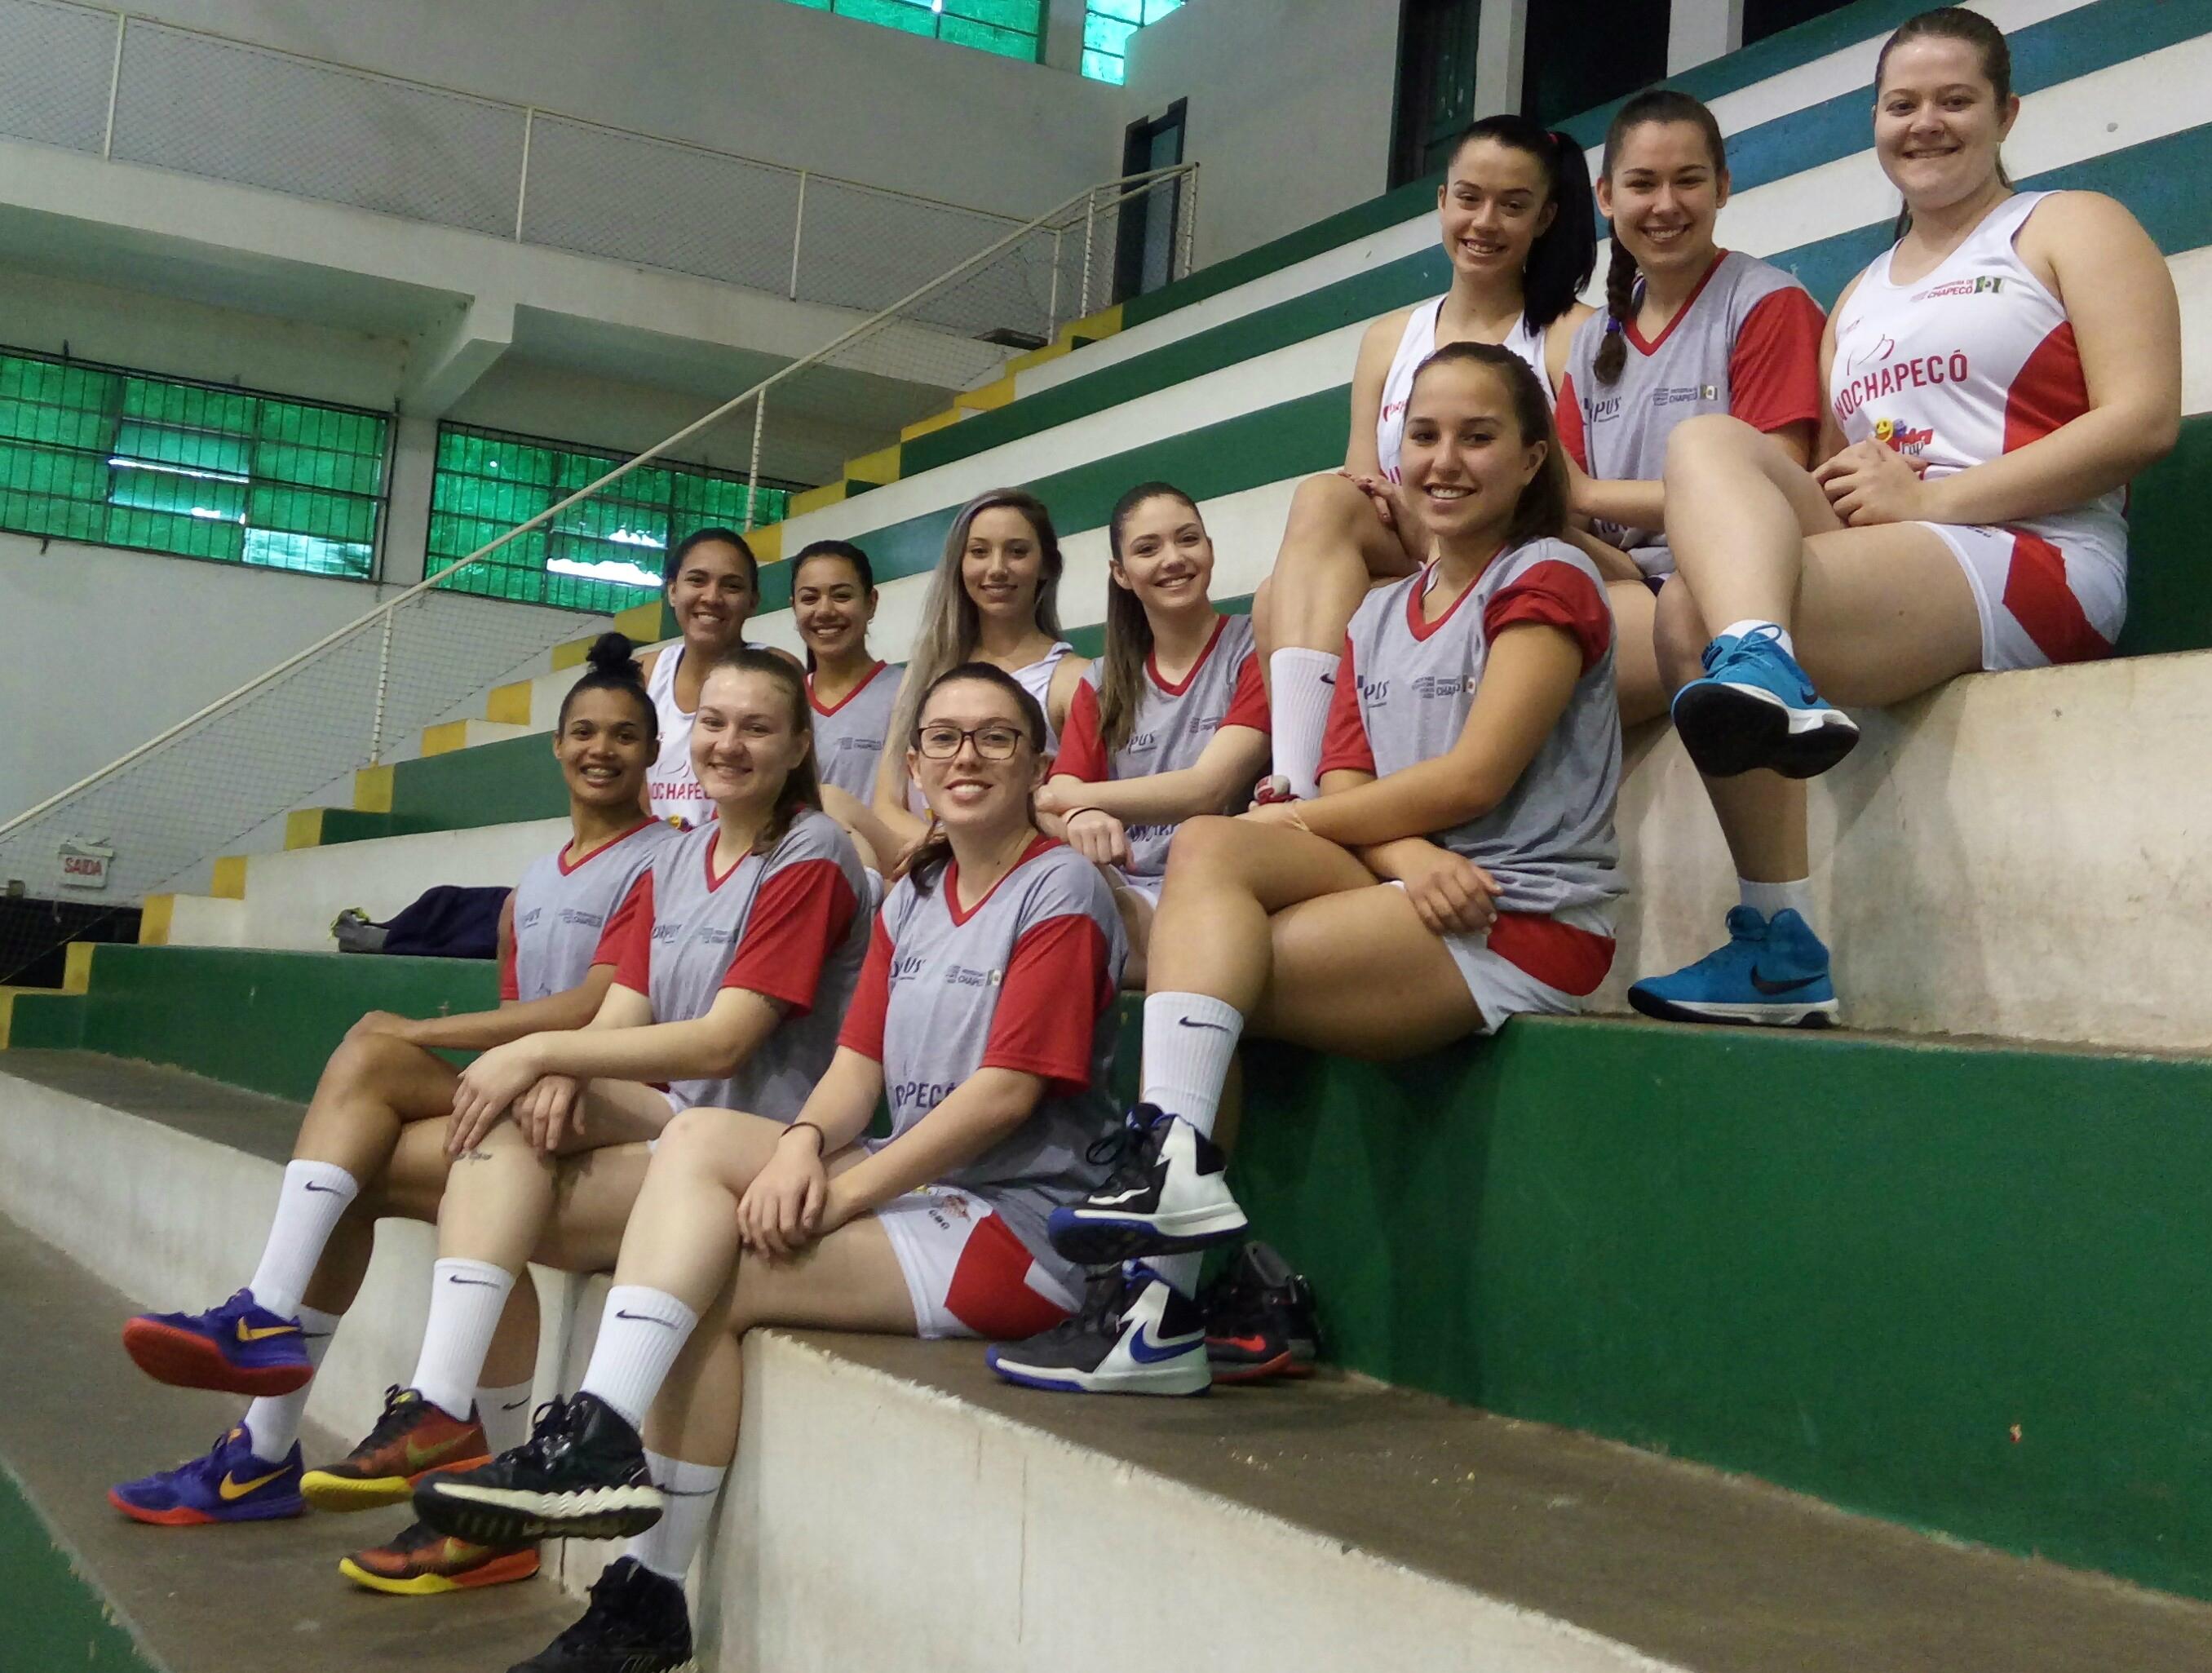 Meninas de Chapecó acumulam o vice-campeonato desde 2012 - Divulgação FCB 74cbb57c7e54d